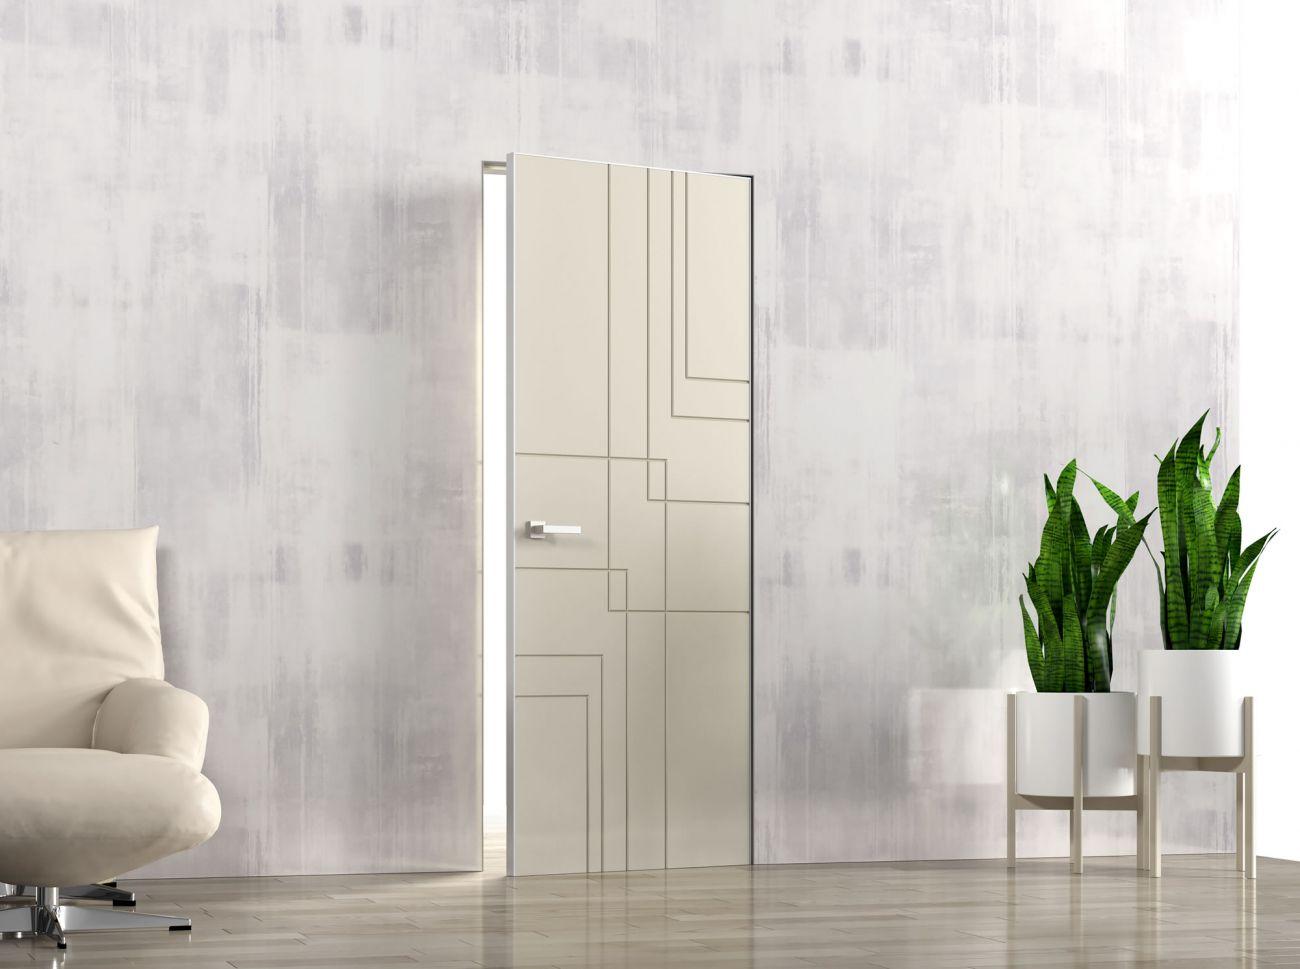 Врезка 2 скрытых петель Kubica в межкомнатную дверь